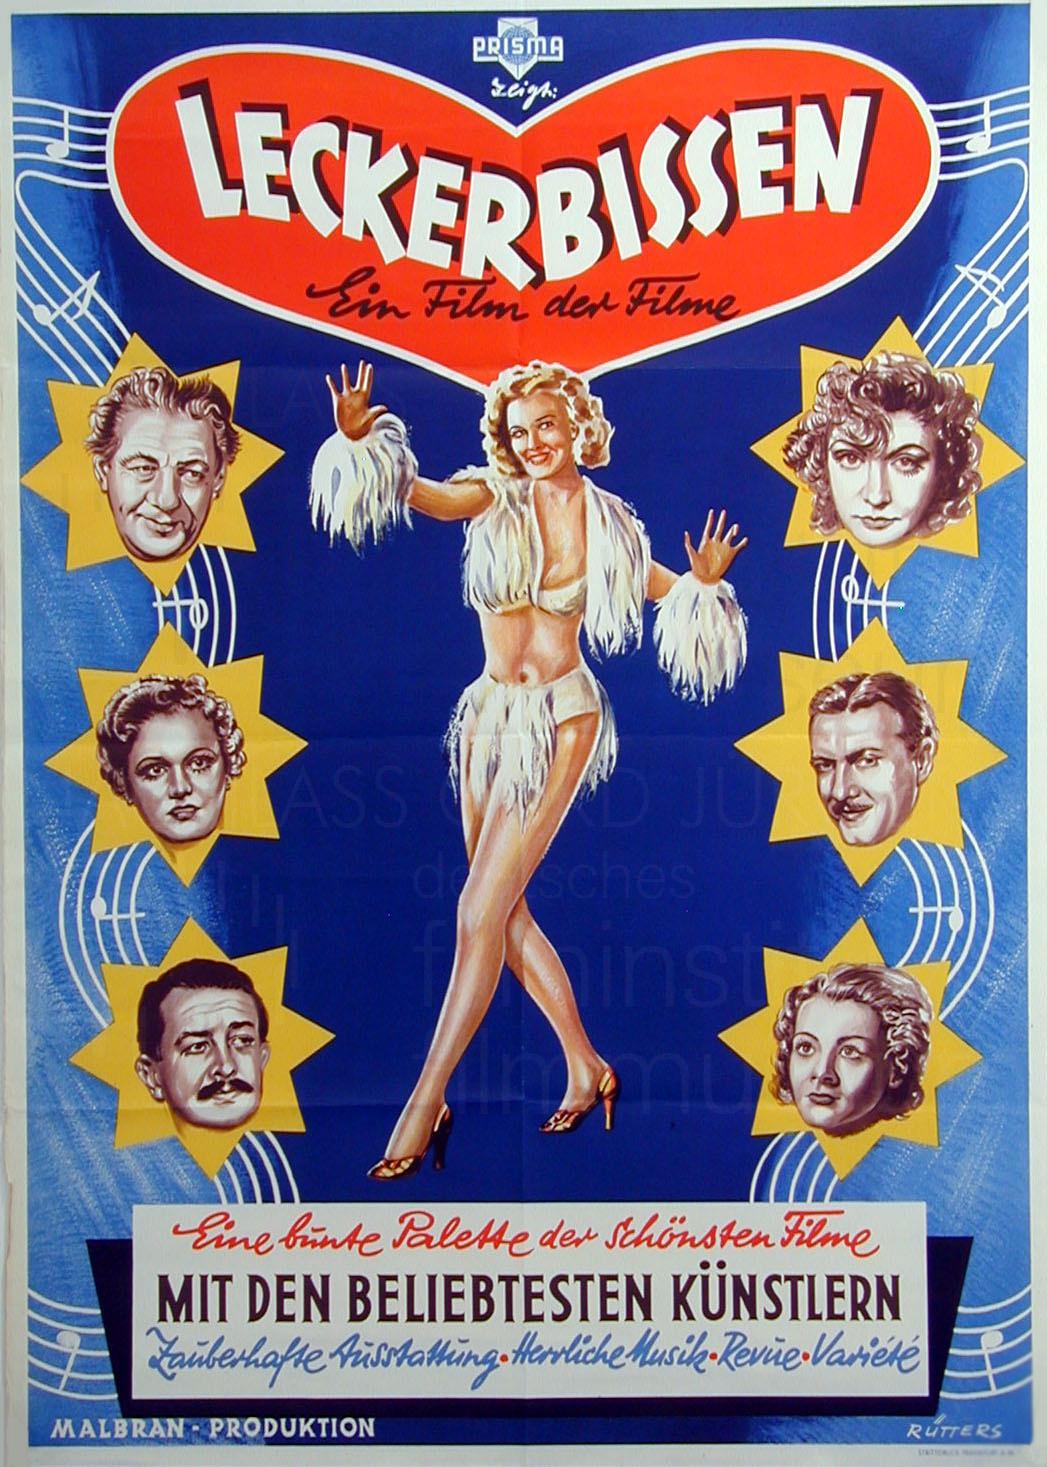 LECKERBISSEN (1948)